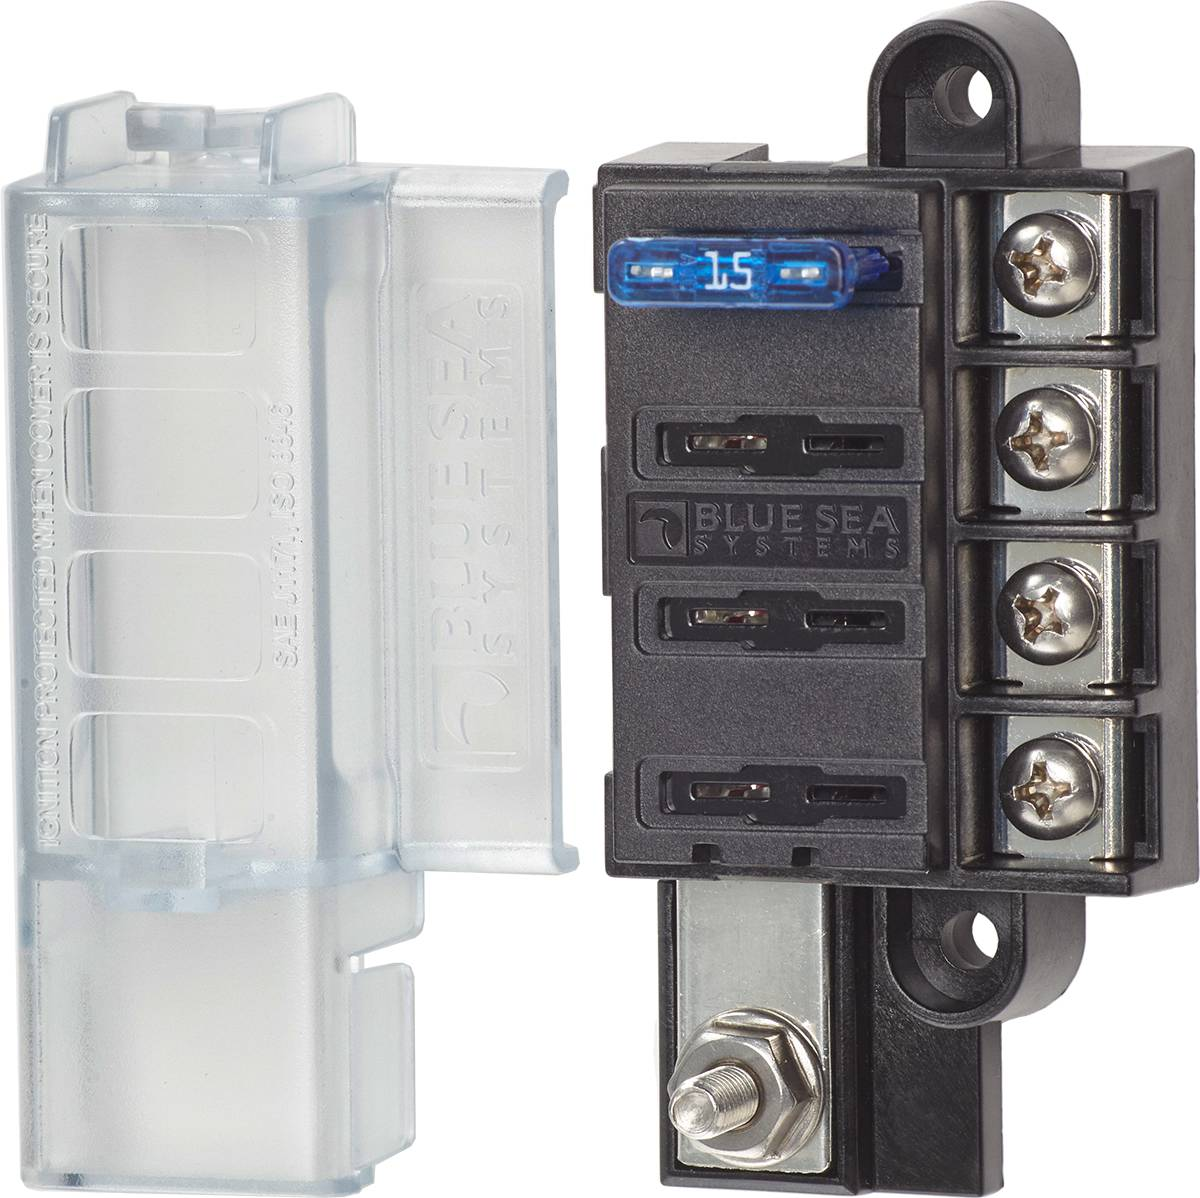 hight resolution of 8 gang fuse box wiring diagram 8 gang fuse box